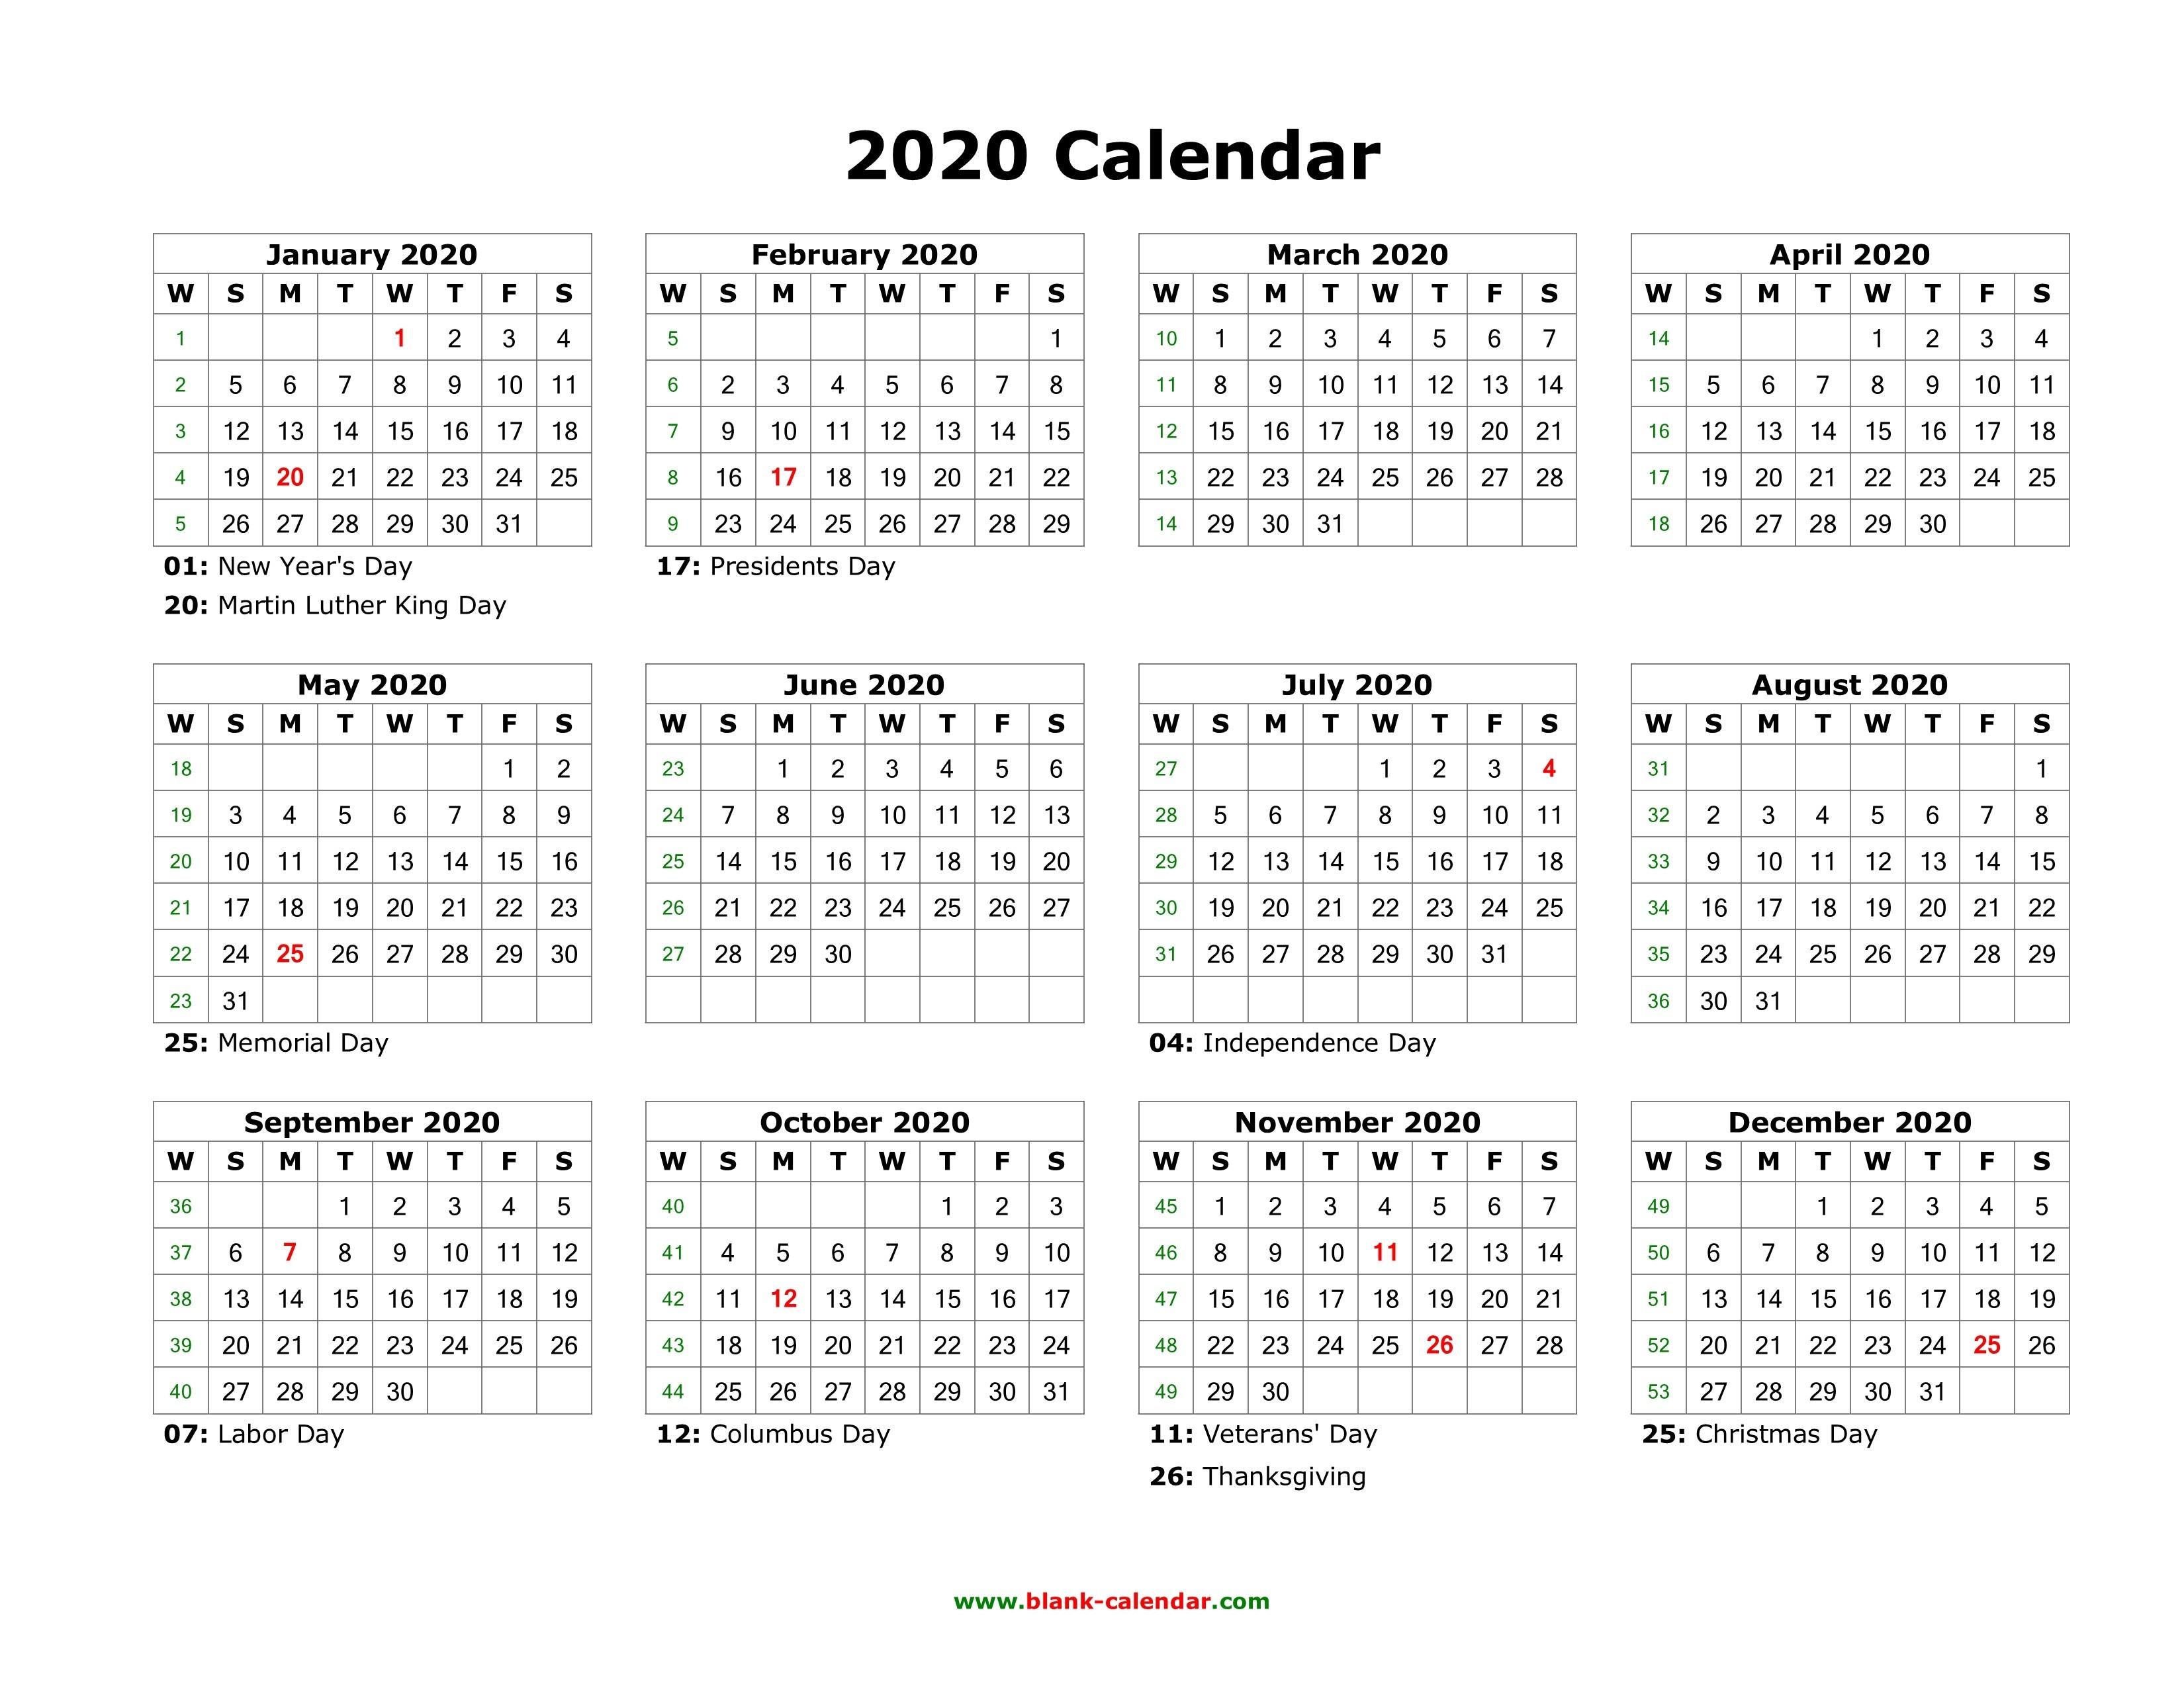 Blank Calendar 2020 | Free Download Calendar Templates-Shift Schedule Calendar Template 2020